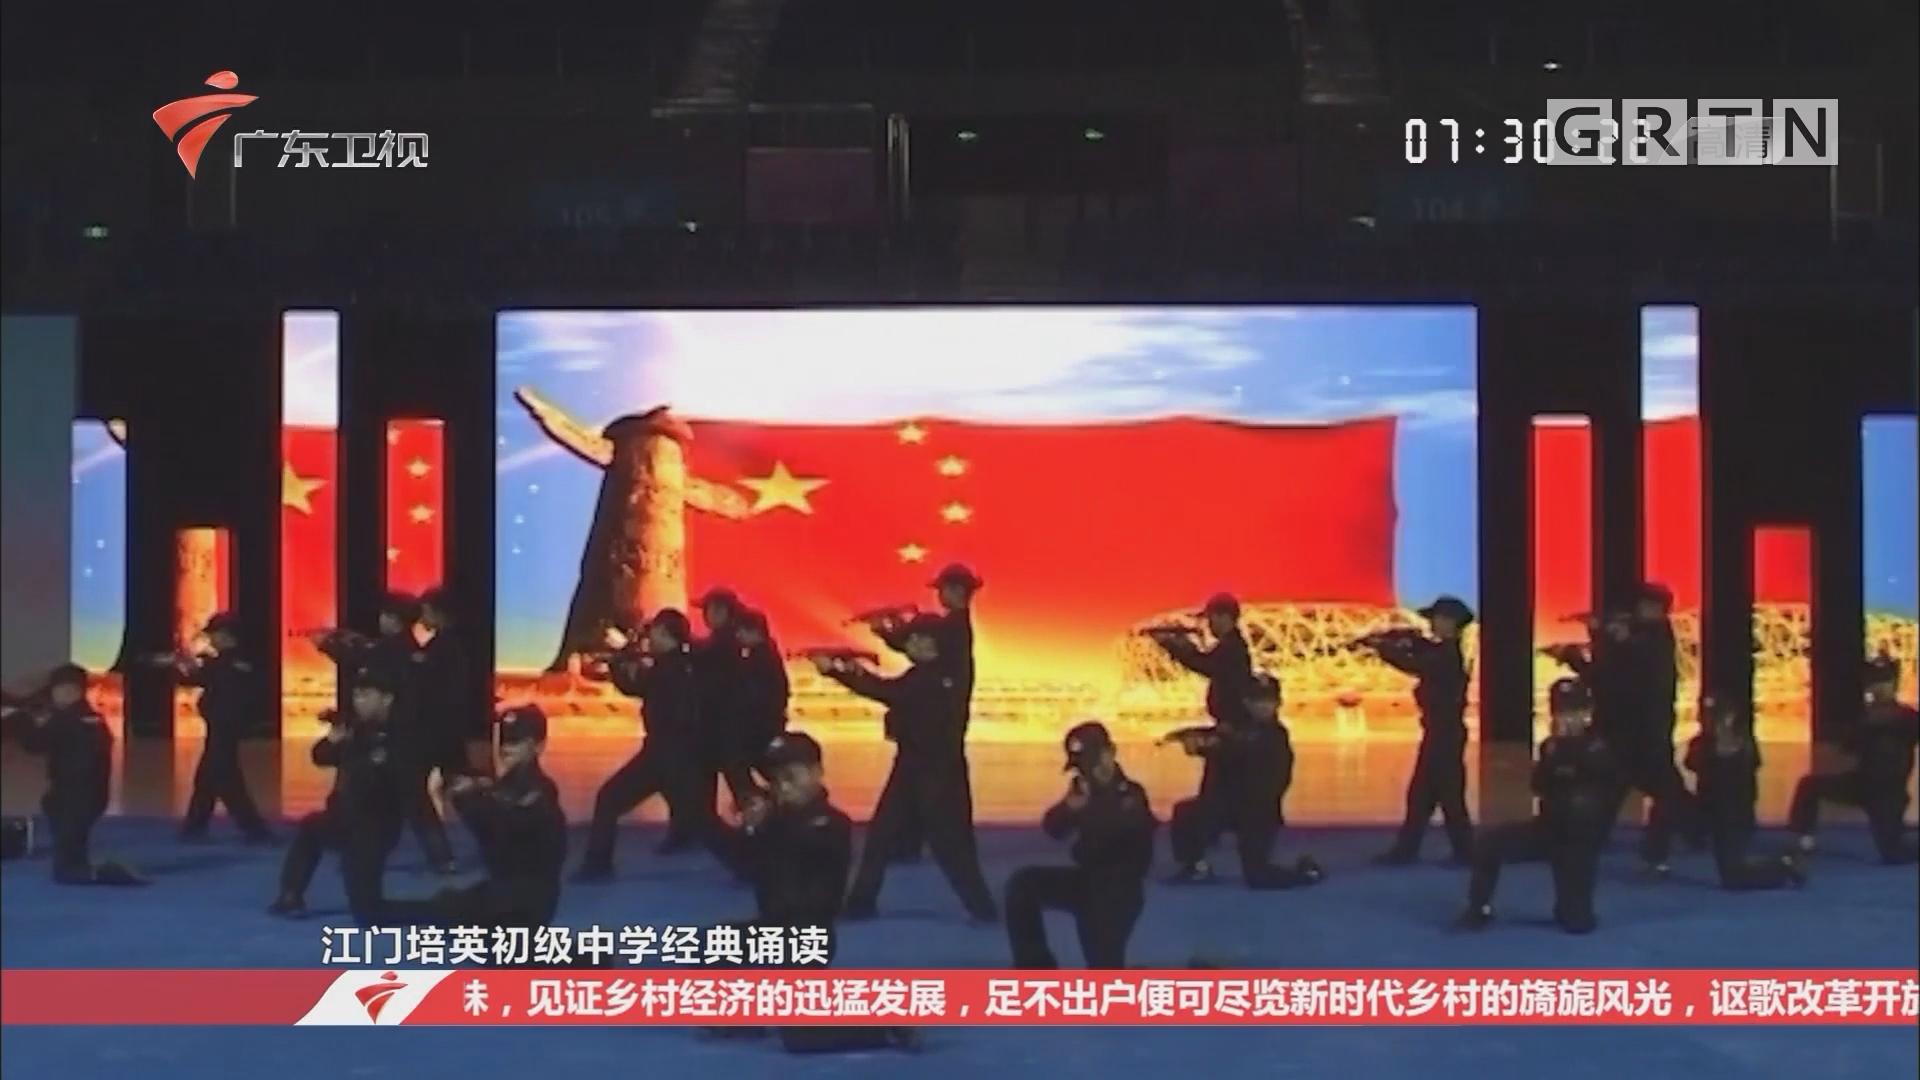 江门:粤港澳大湾区少年警营交流活动开启三地合作新征程